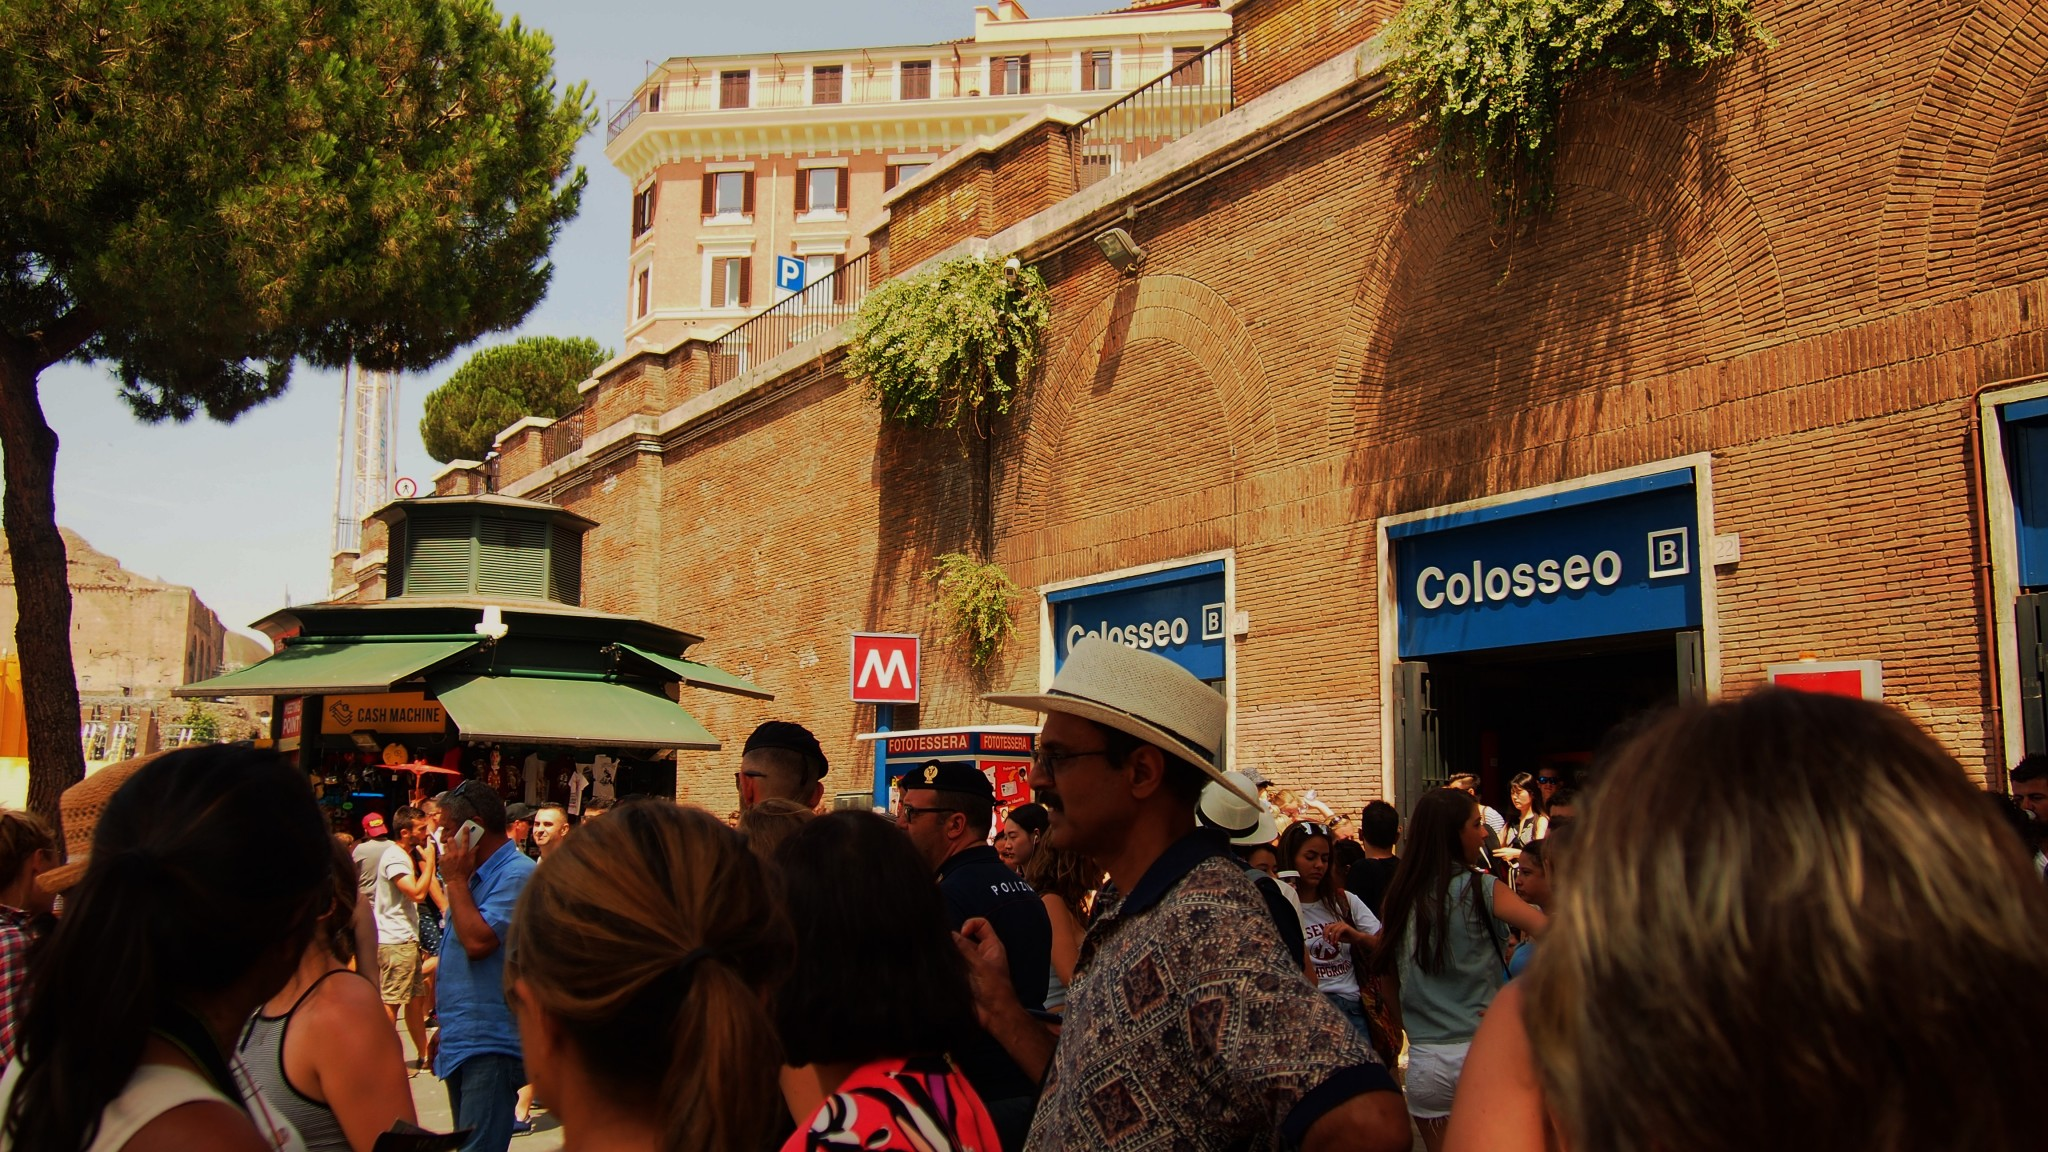 Colosseo metro